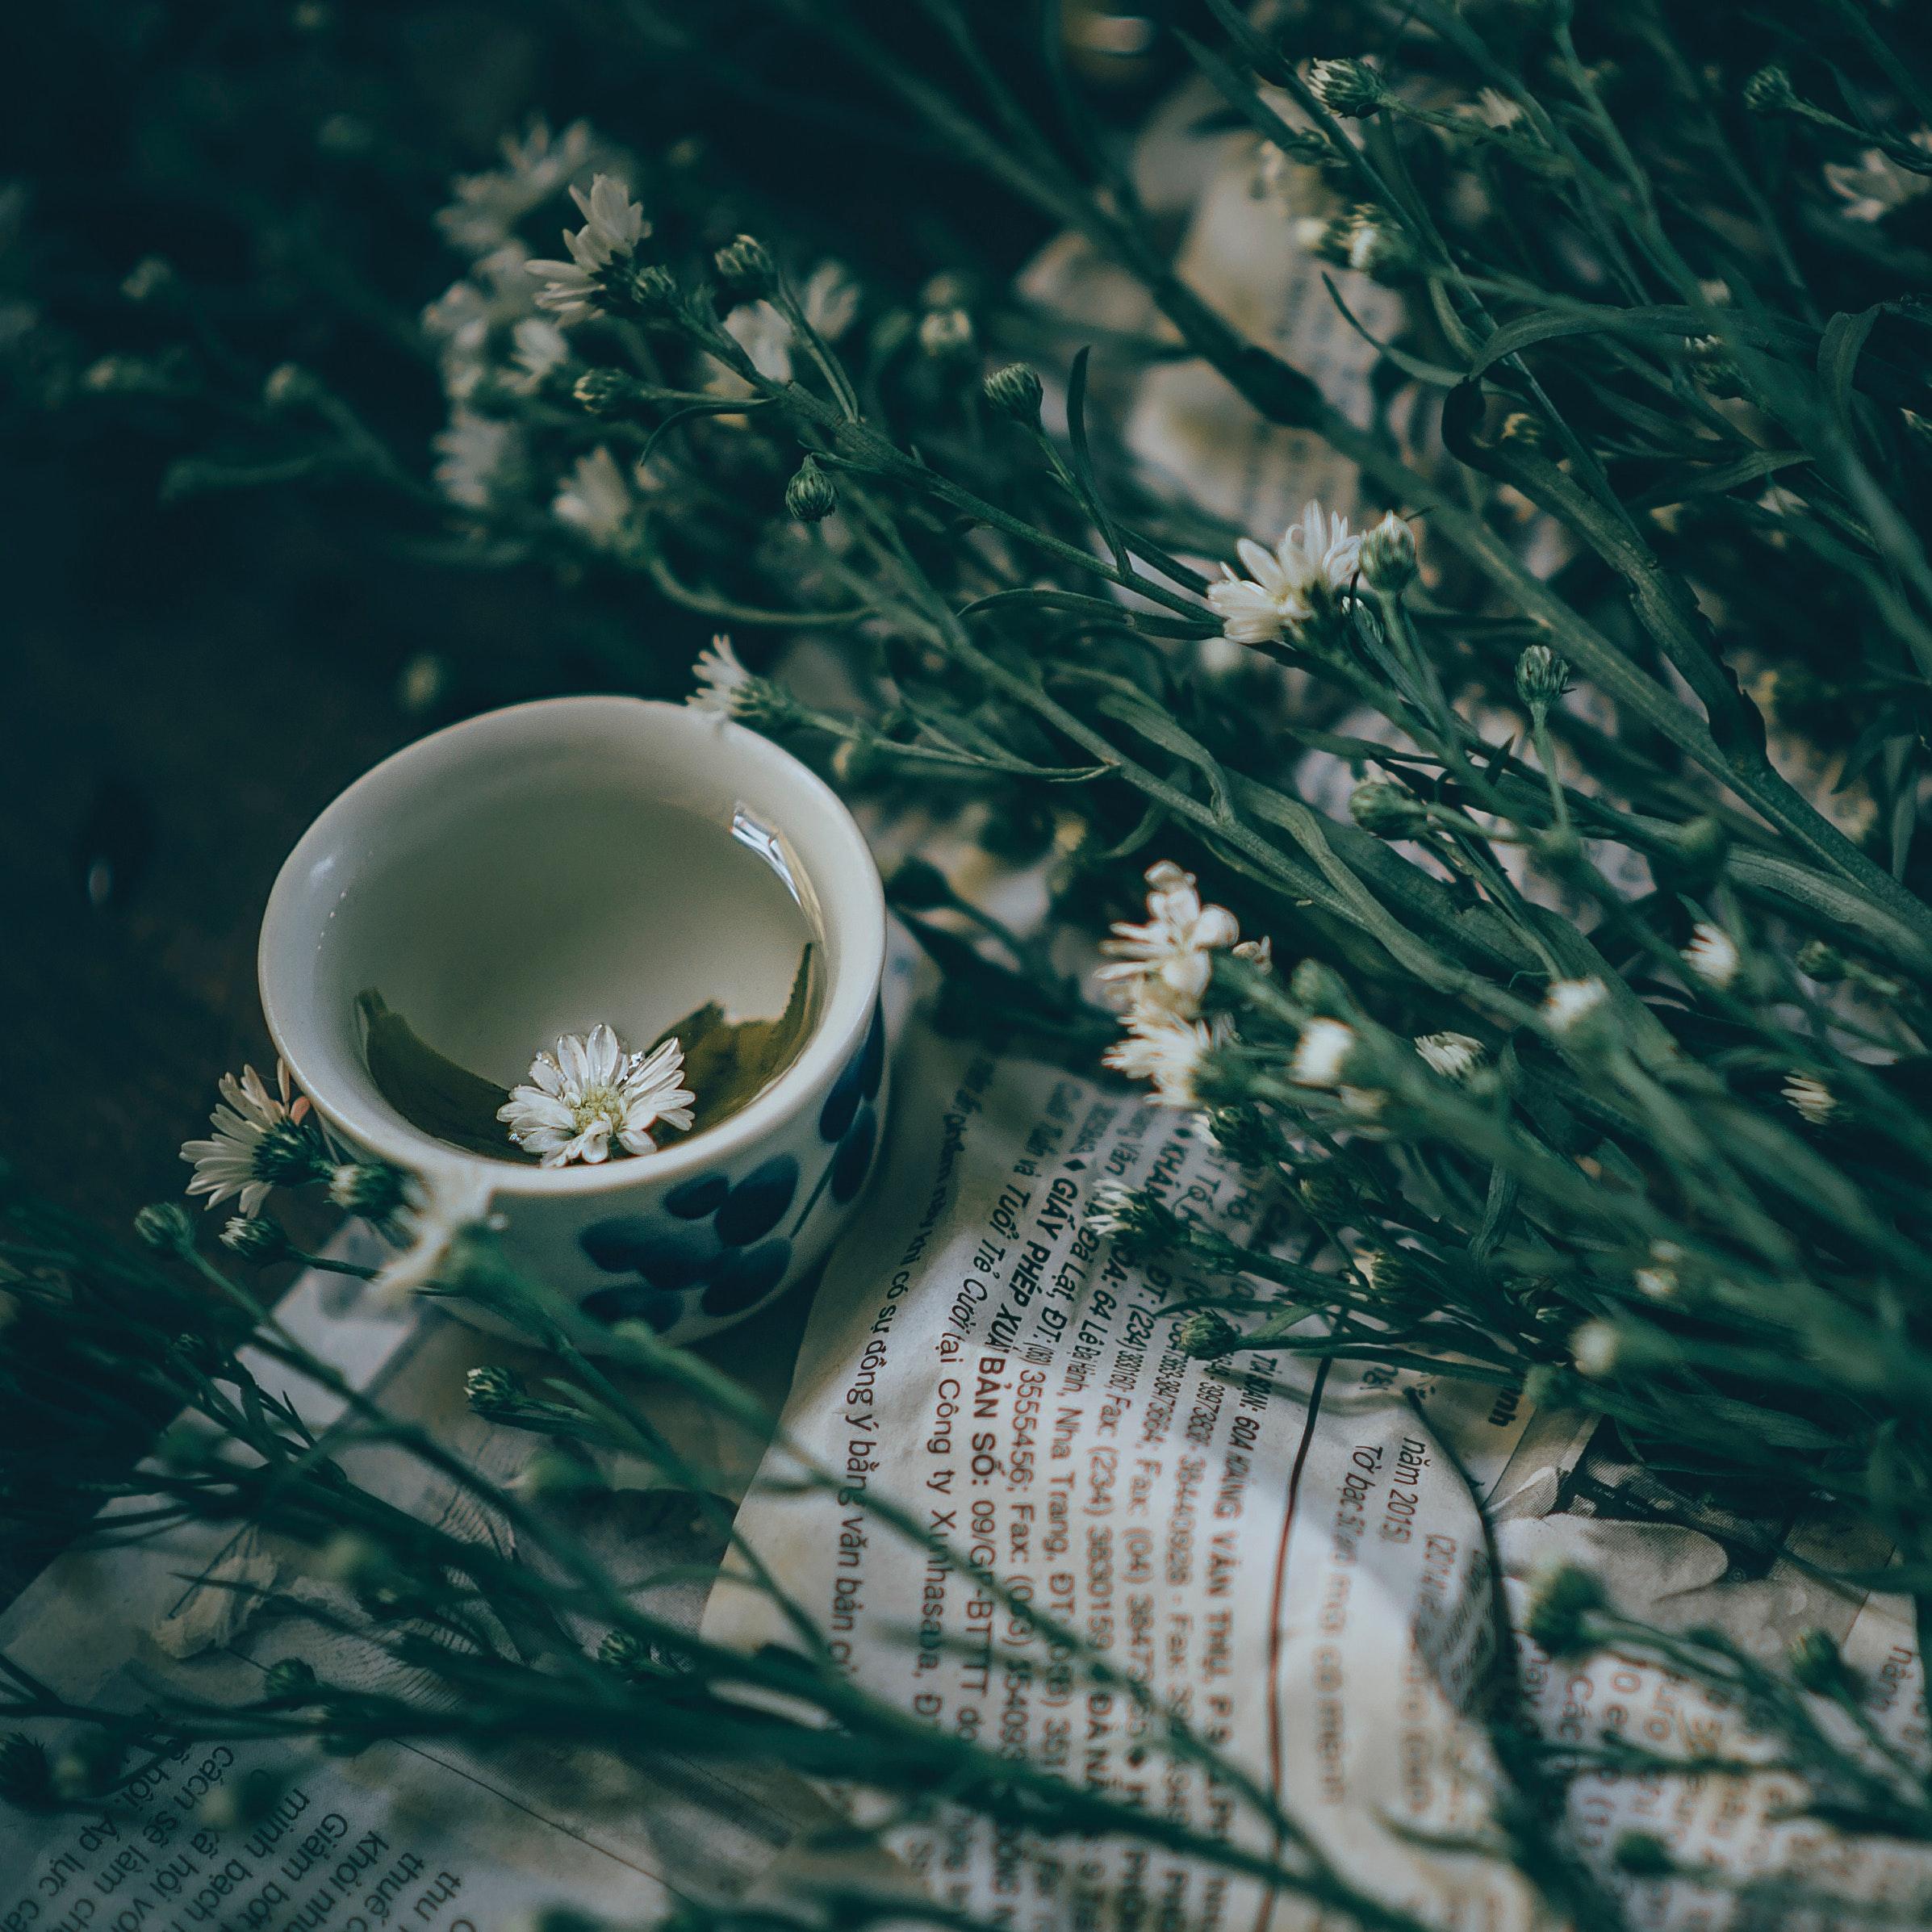 White ceramic mug beside white petal flower photo